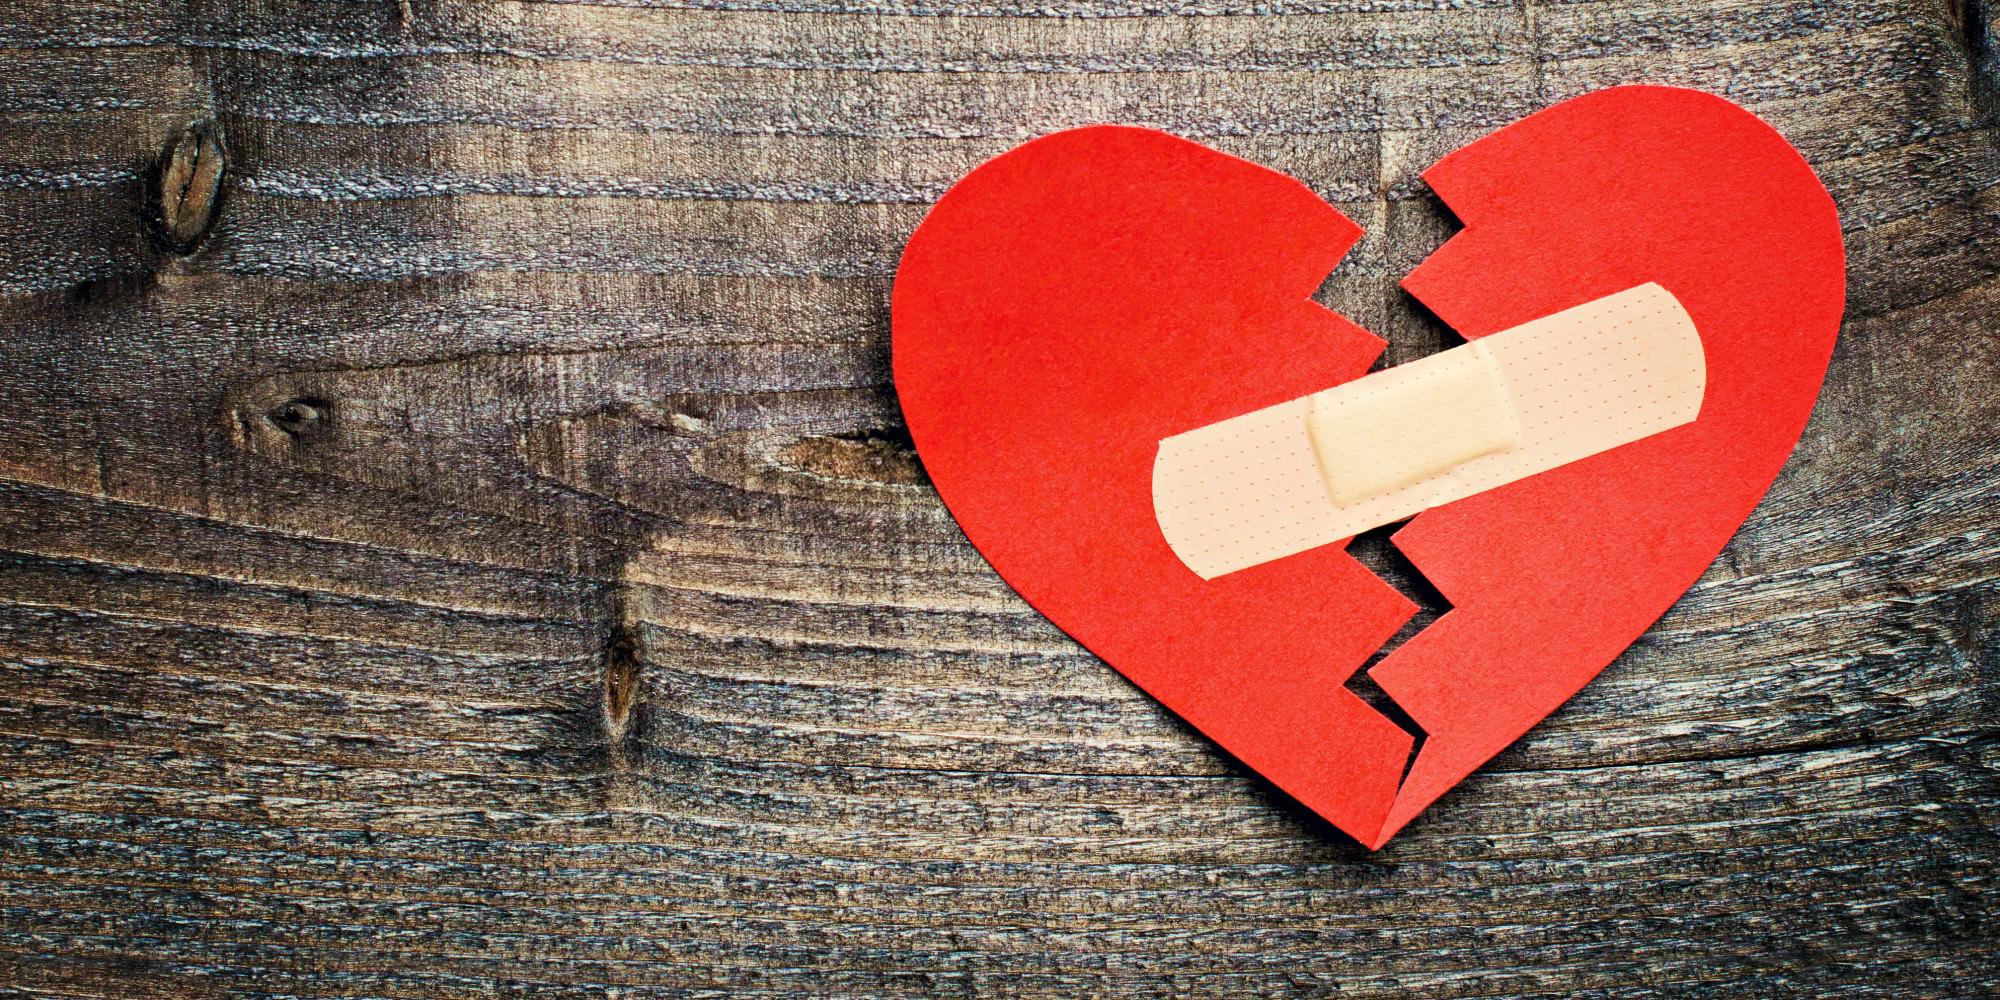 Ảnh trái tim tan vỡ đẹp